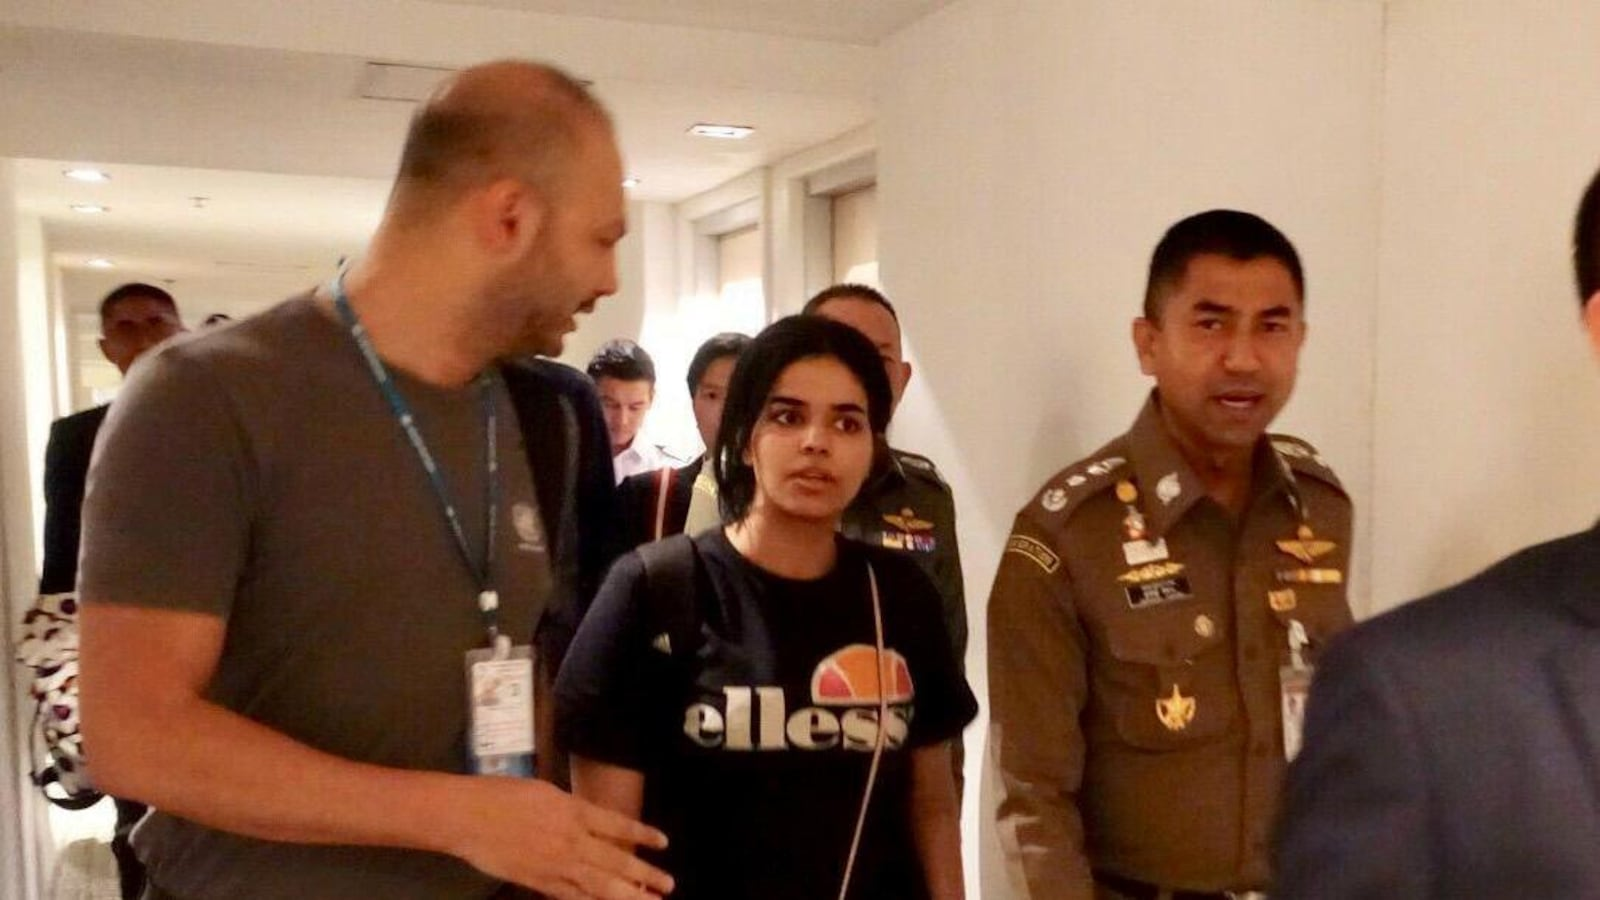 Une jeune femme circule dans un corridor, entourée de responsables et d'officiers en uniforme.